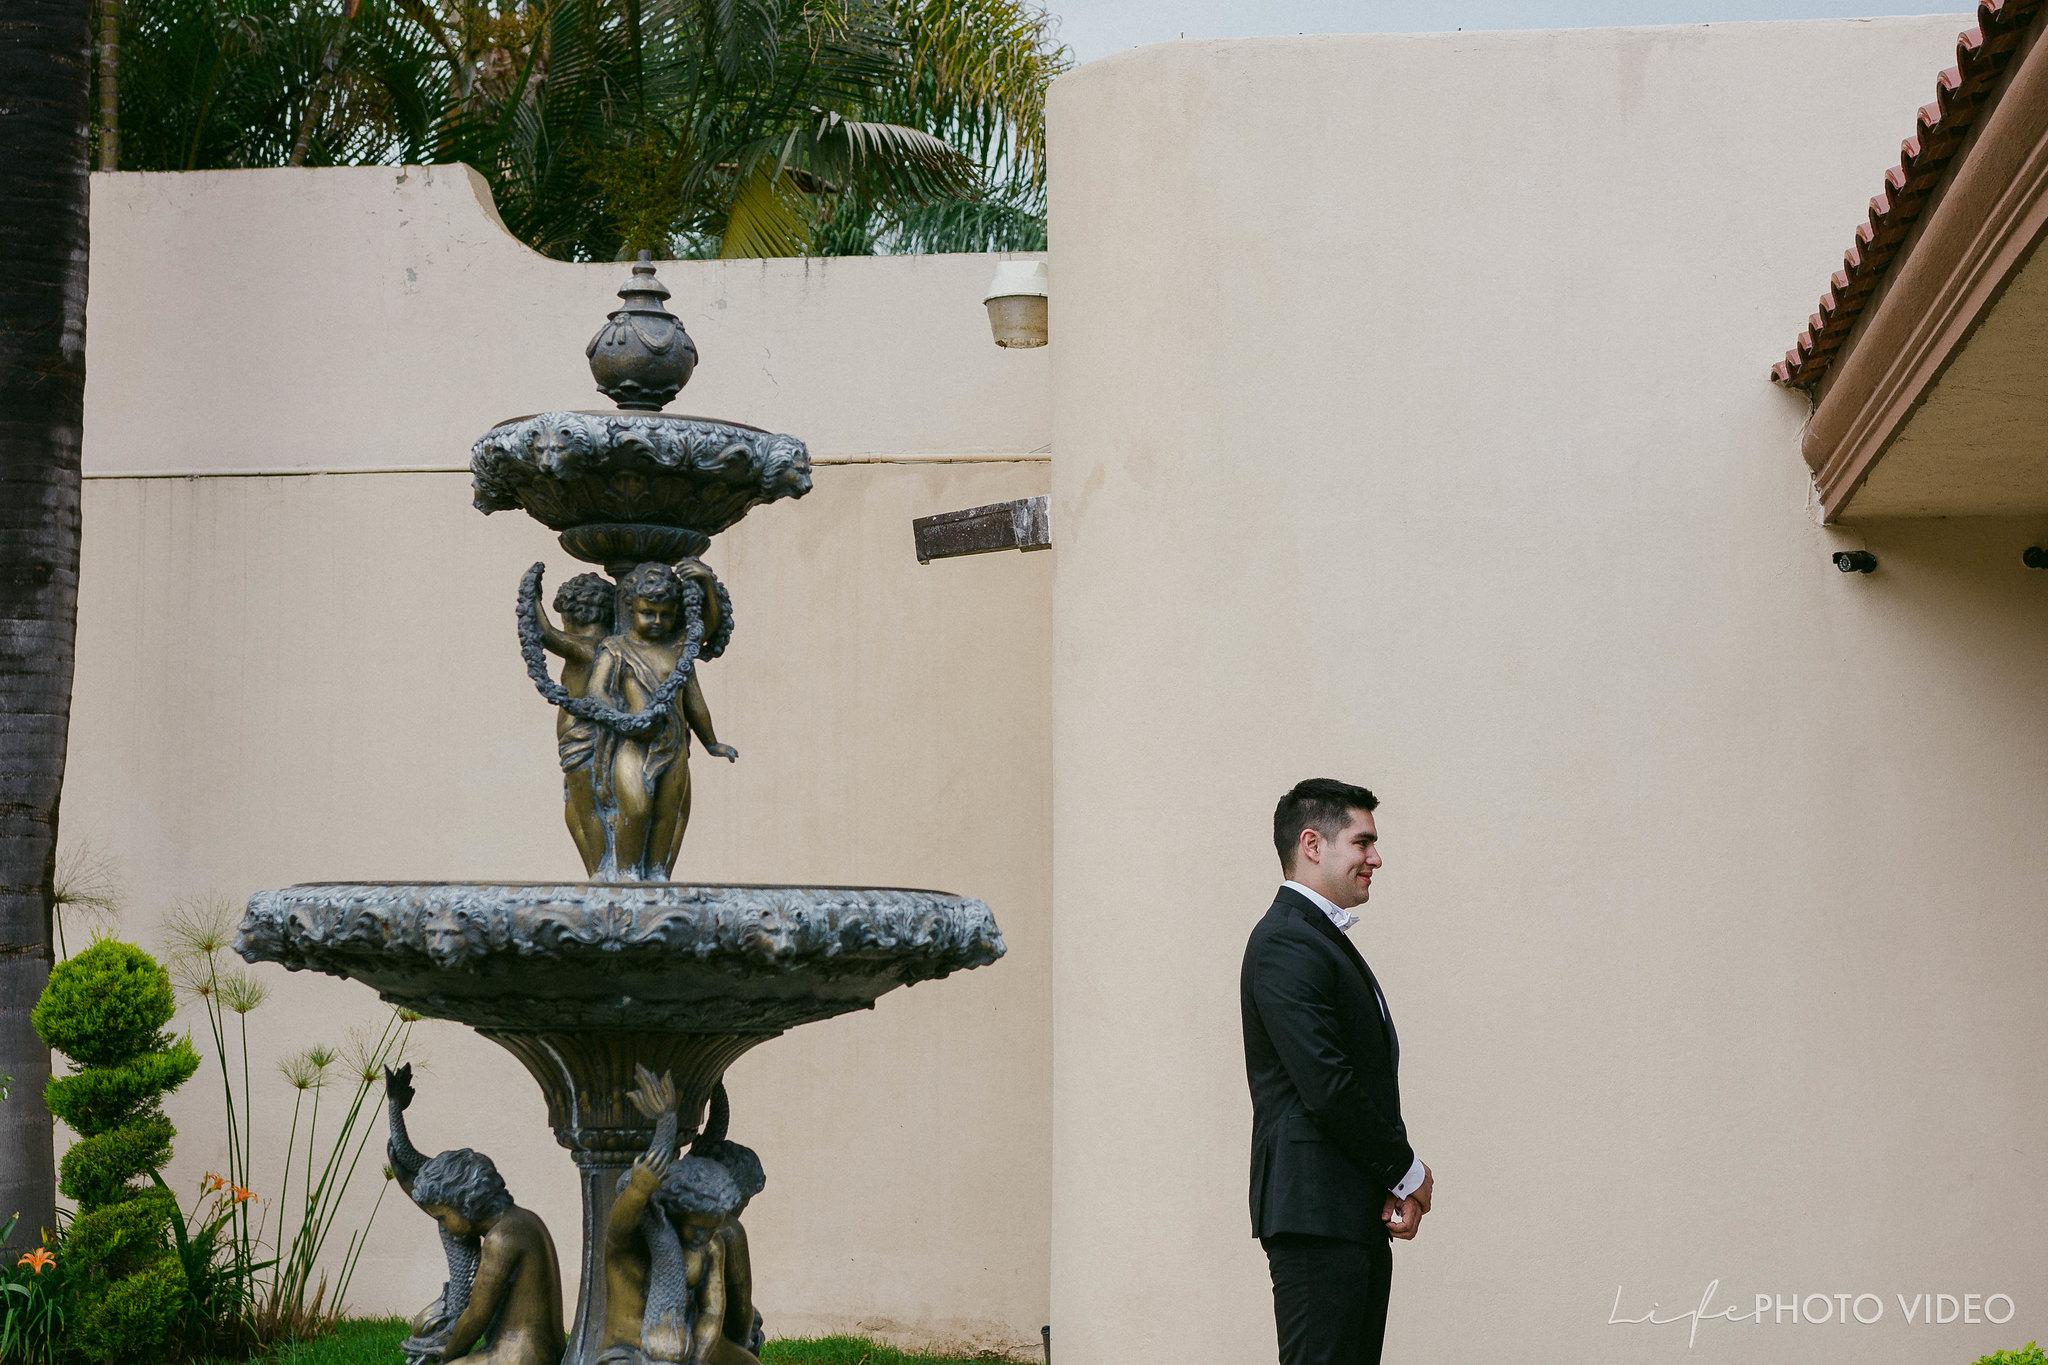 Boda_LeonGto_Wedding_LifePhotoVideo_0009.jpg